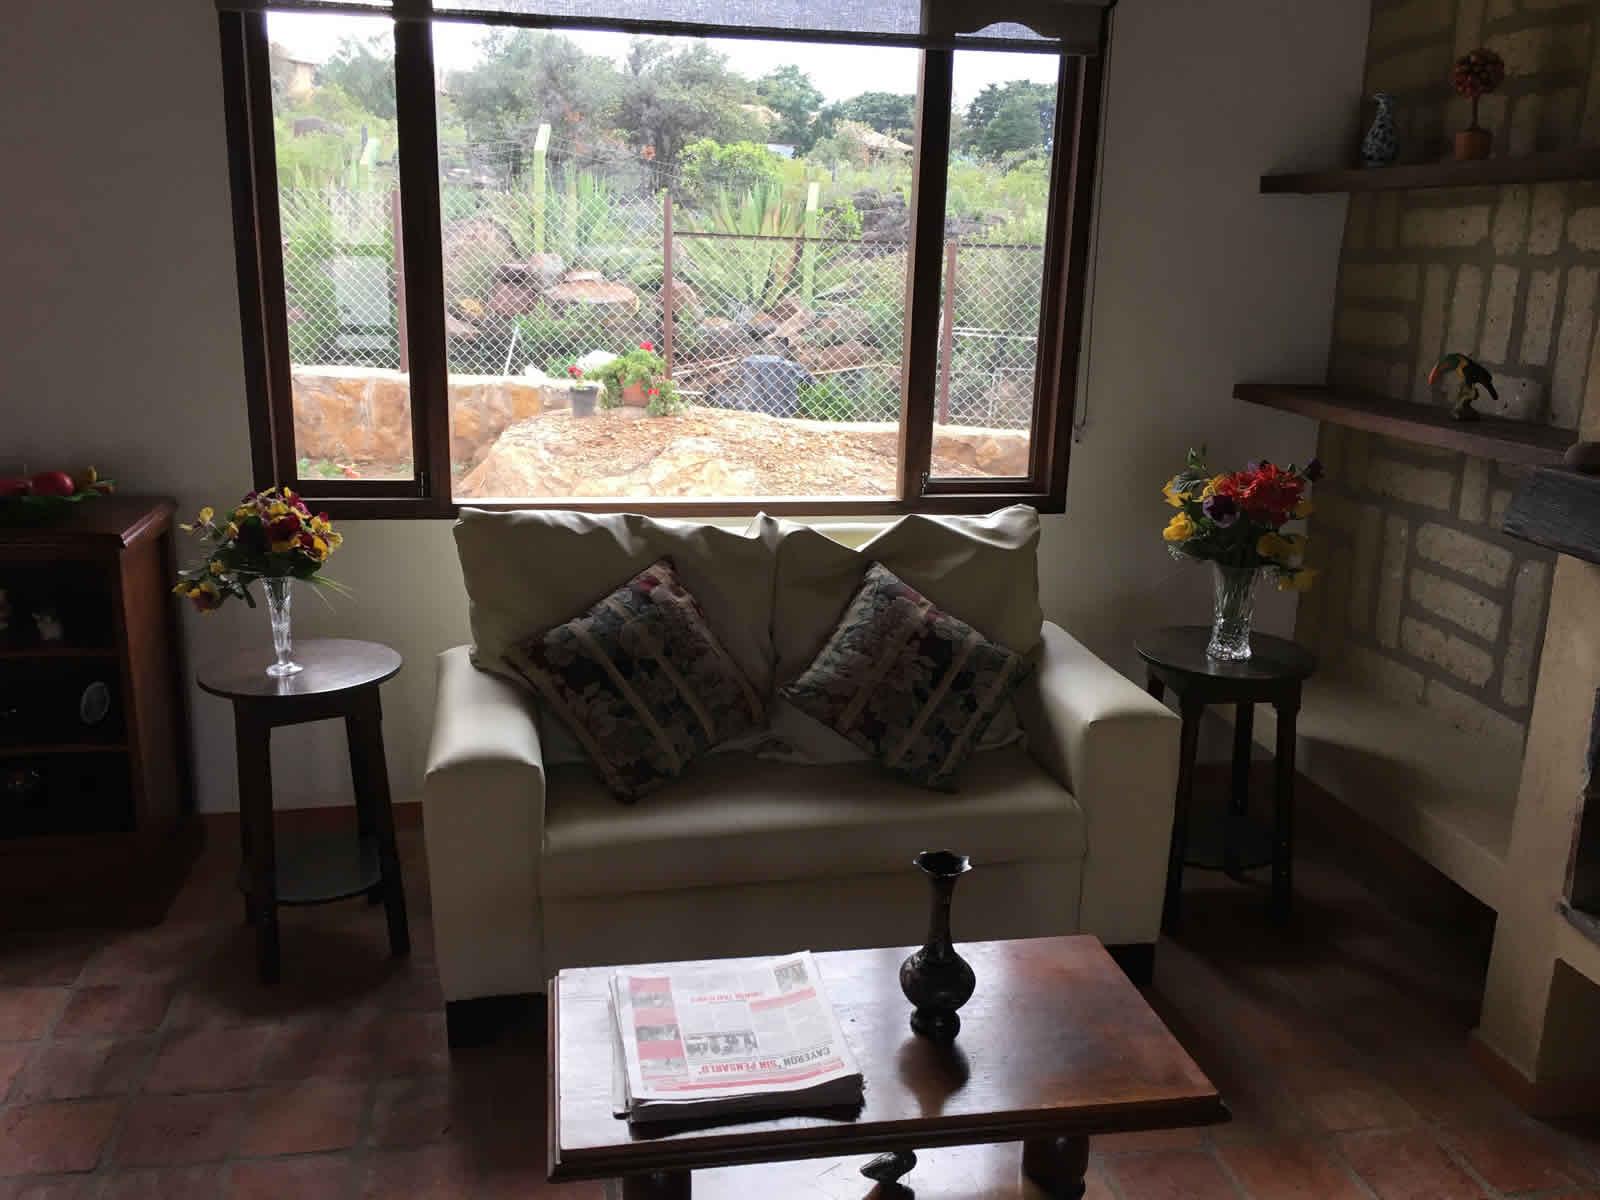 Alquiler casa El Silencio en Villa de Leyva - sala